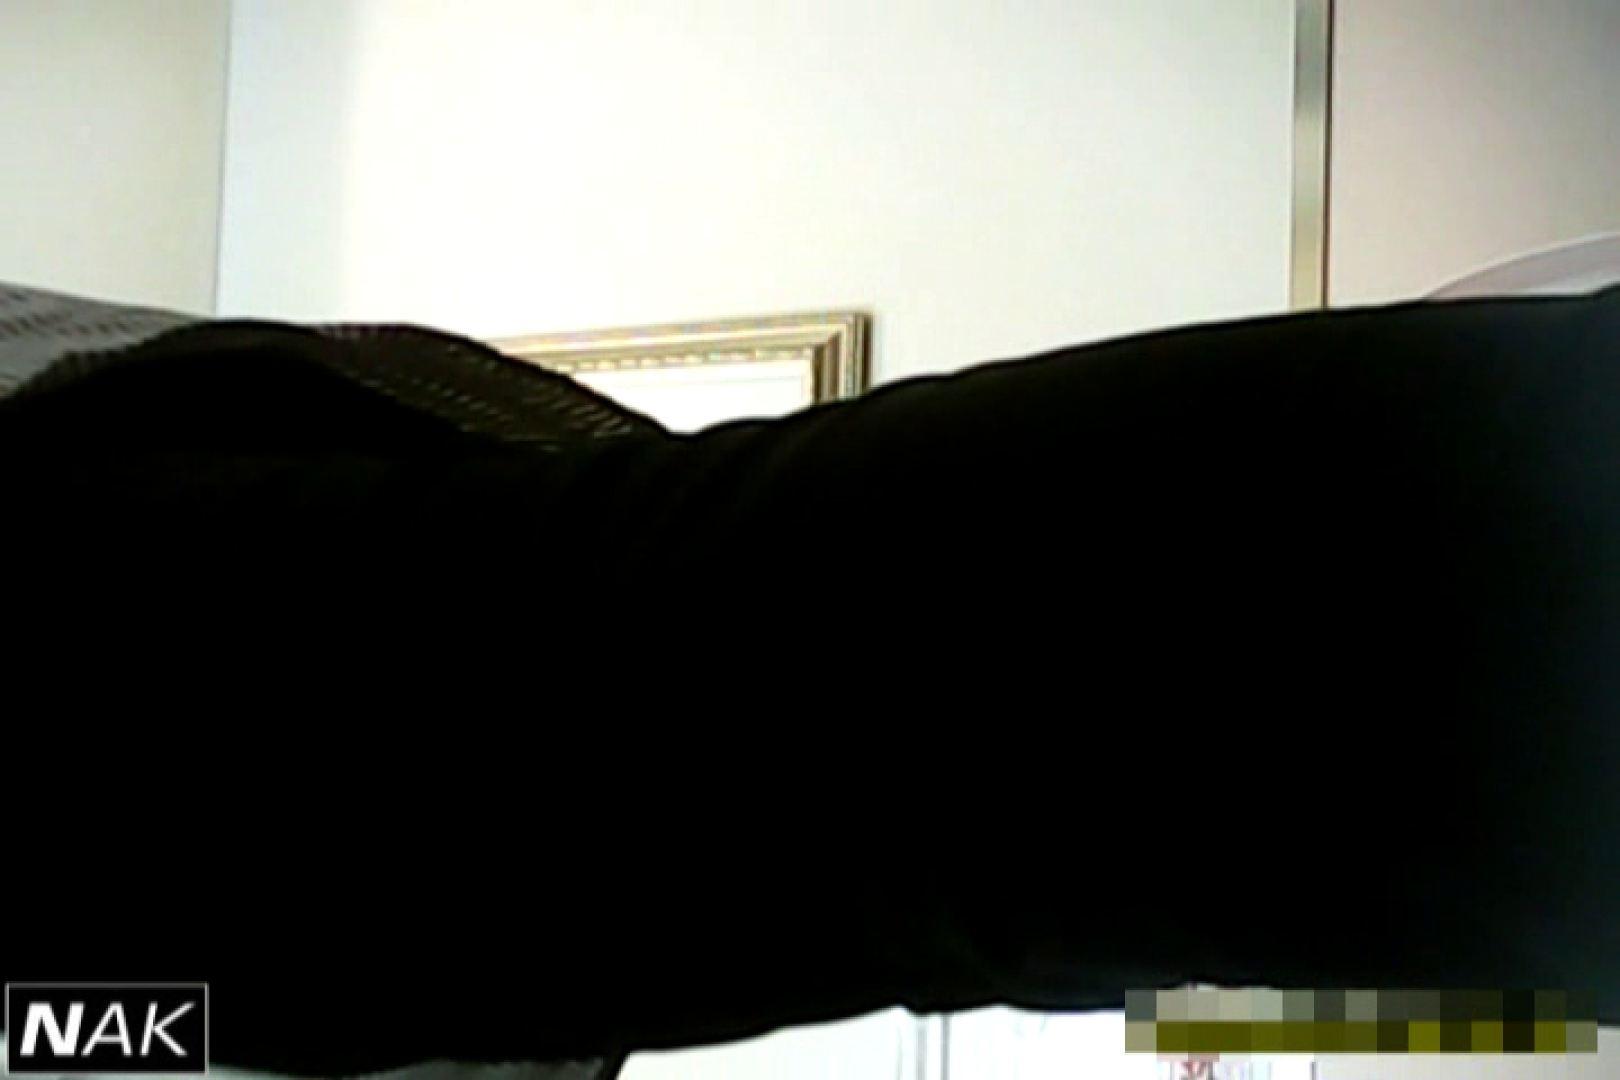 超高画質5000K!脅威の2点かわや! vol.01 美しいOLの裸体 おまんこ無修正動画無料 84pic 80